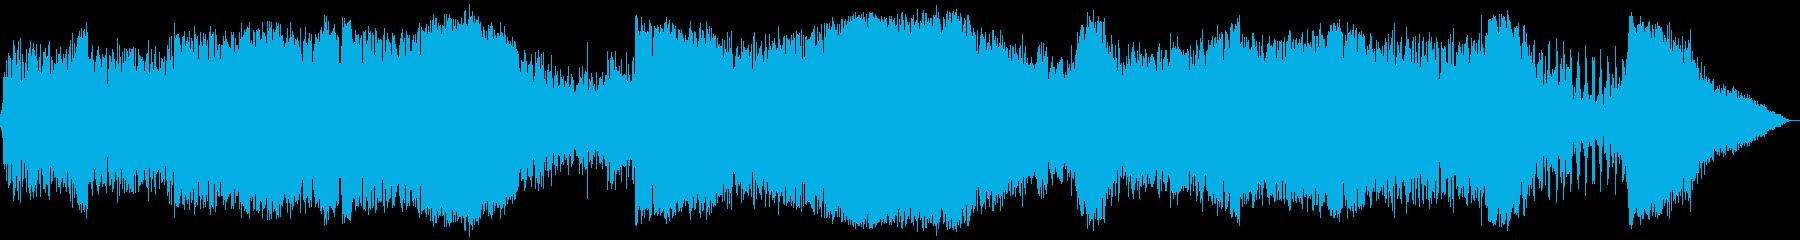 【ホラー CM】 殺戮の霊視 02の再生済みの波形